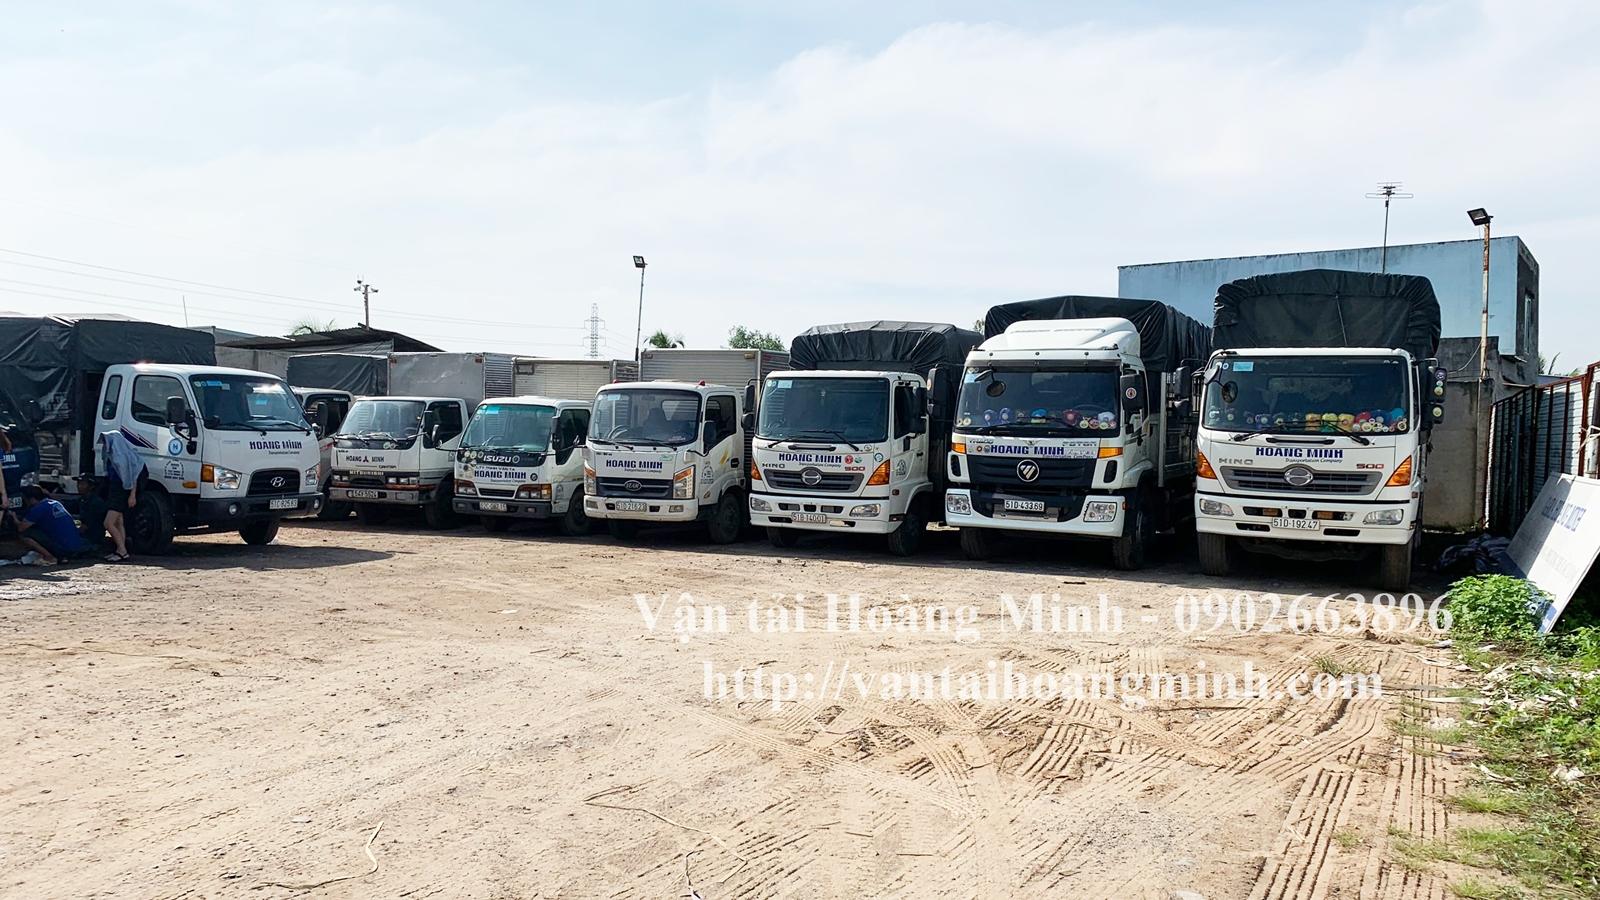 cho thuê xe tải quận thủ đức chuyên nghiệp